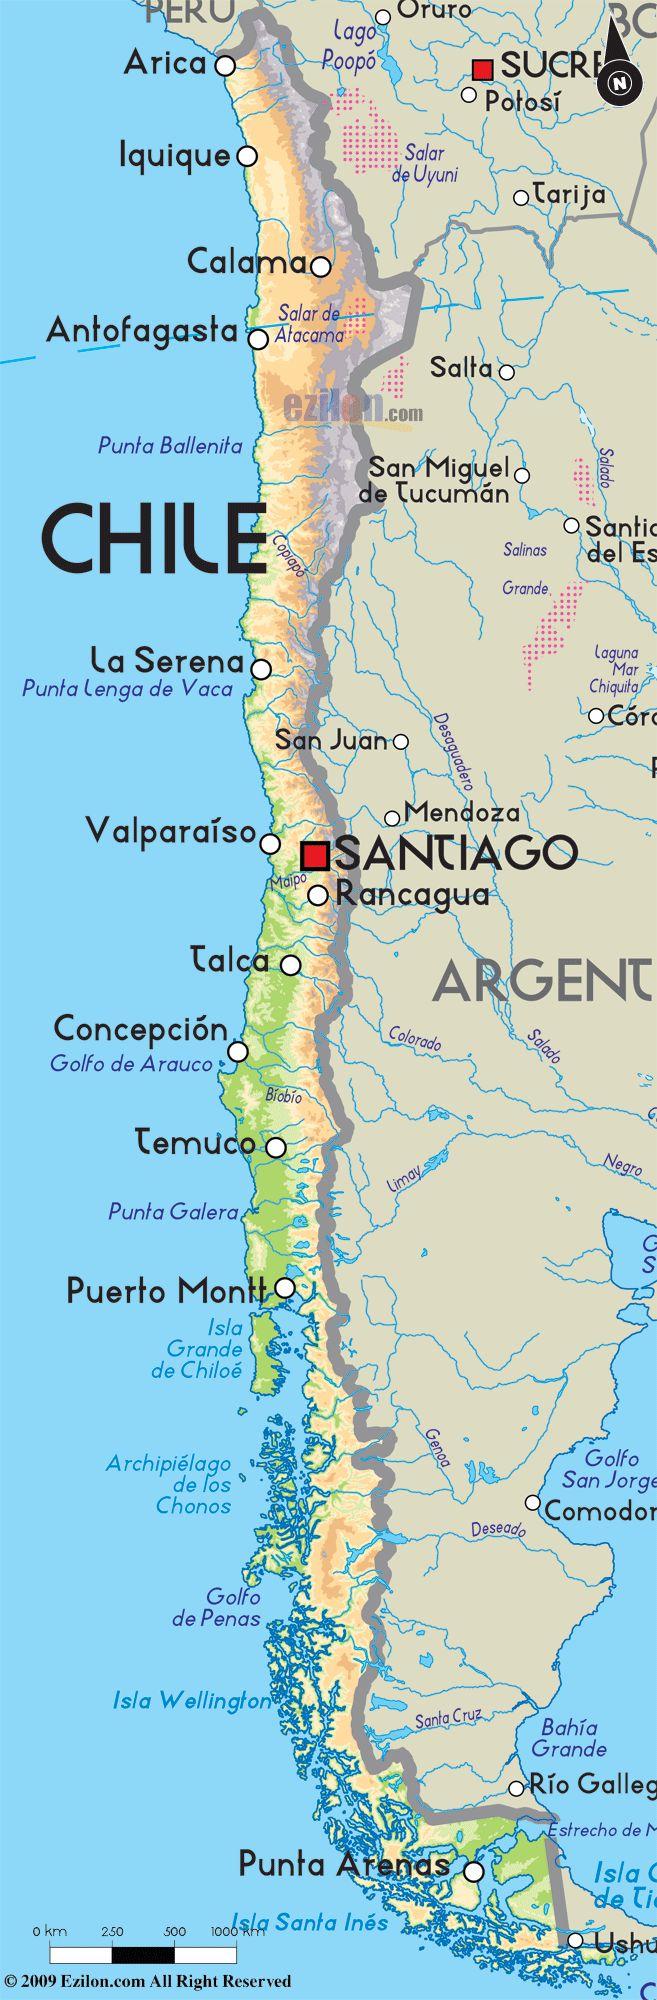 Quiero ir!!!! Chile